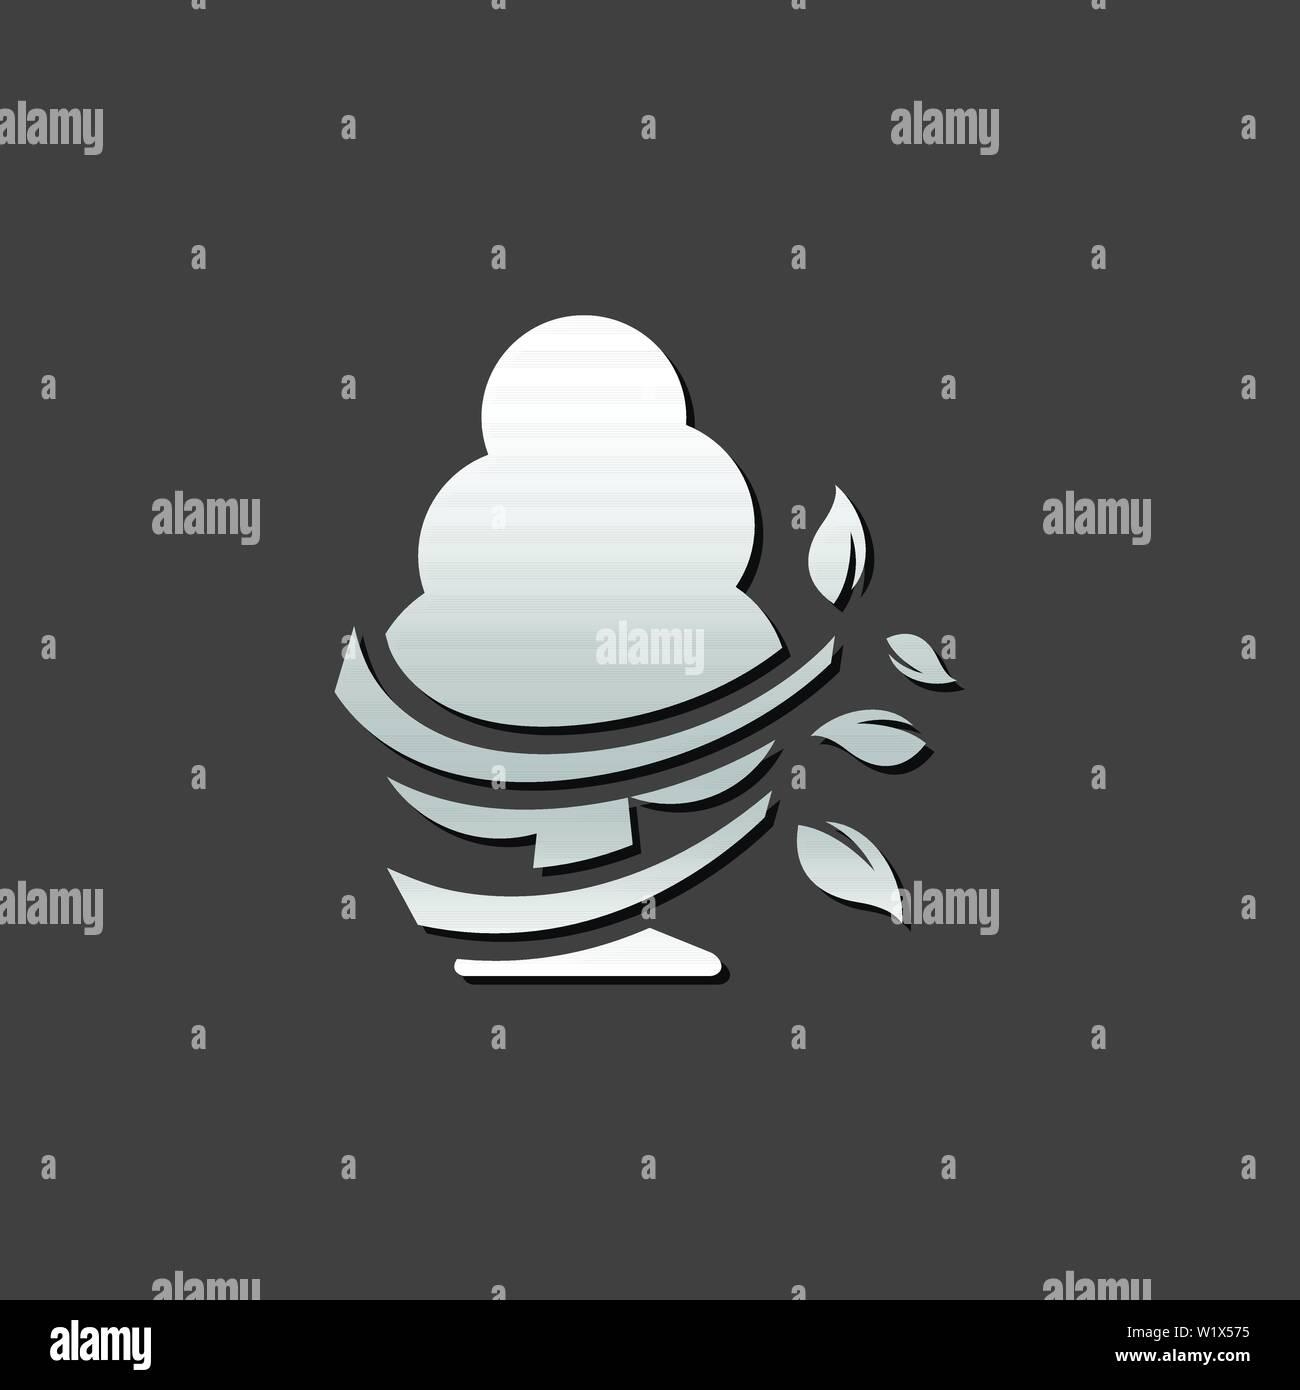 Baum Symbol in metallic grau farbe Stil. Stock Vektor